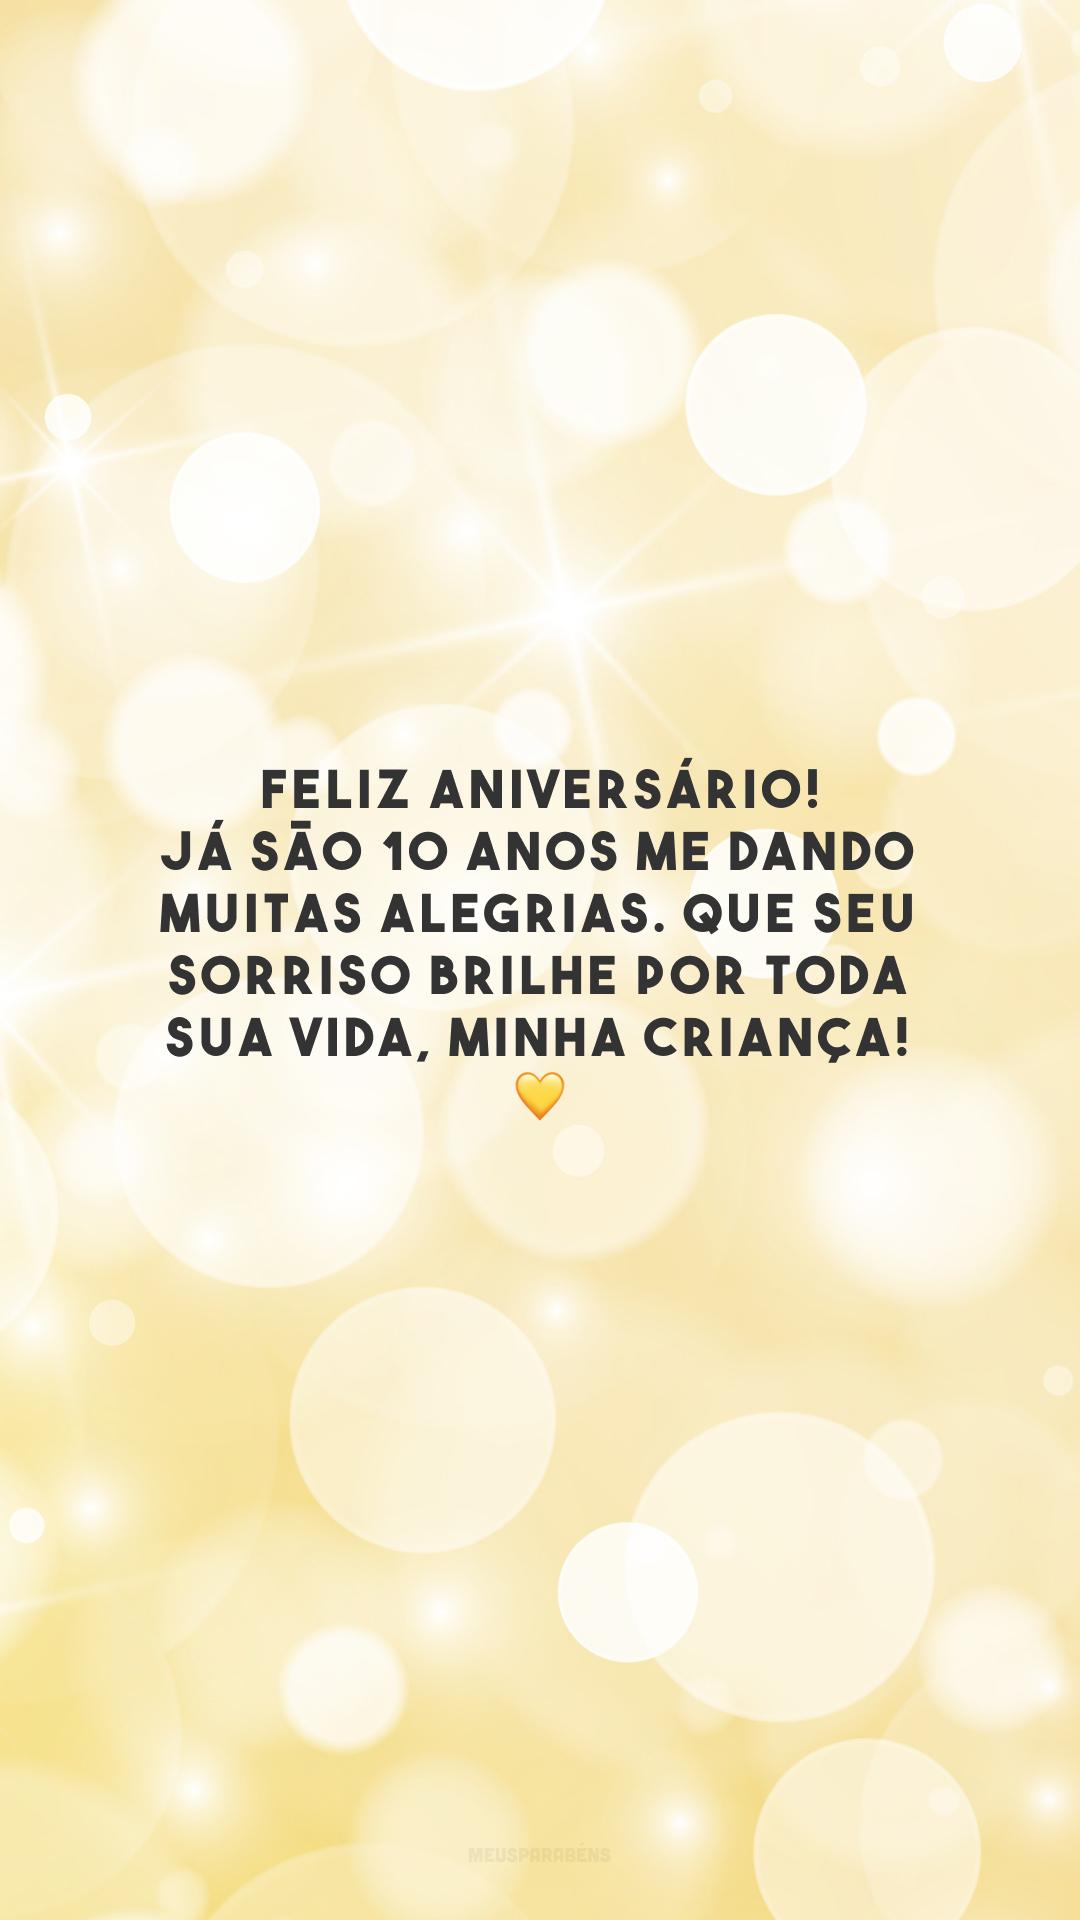 Feliz aniversário! Já são 10 anos me dando muitas alegrias. Que seu sorriso brilhe por toda sua vida, minha criança! 💛